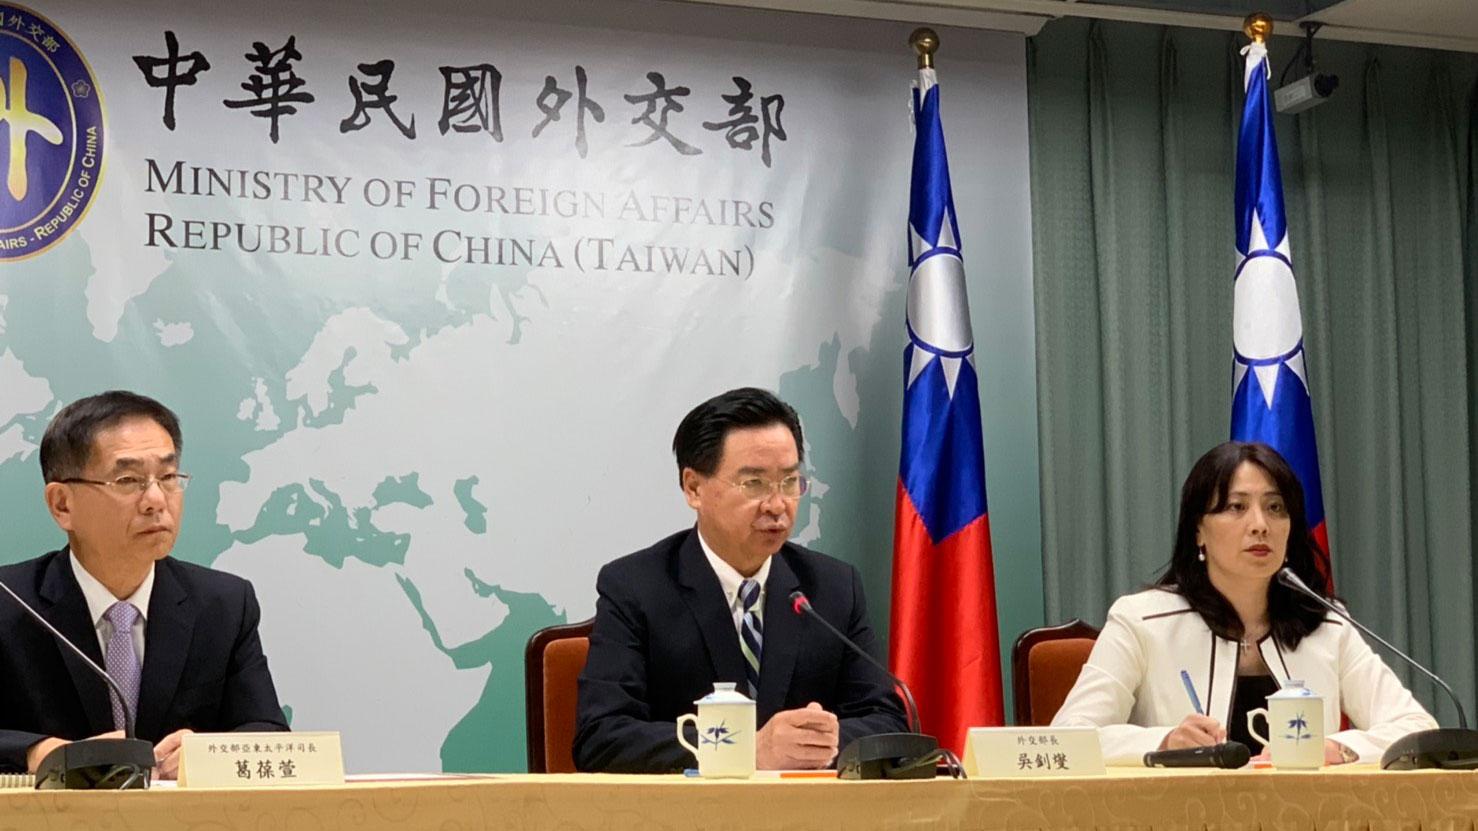 台湾外交部长吴钊燮(中)宣布遭基里巴斯断交。(记者黄春梅摄)